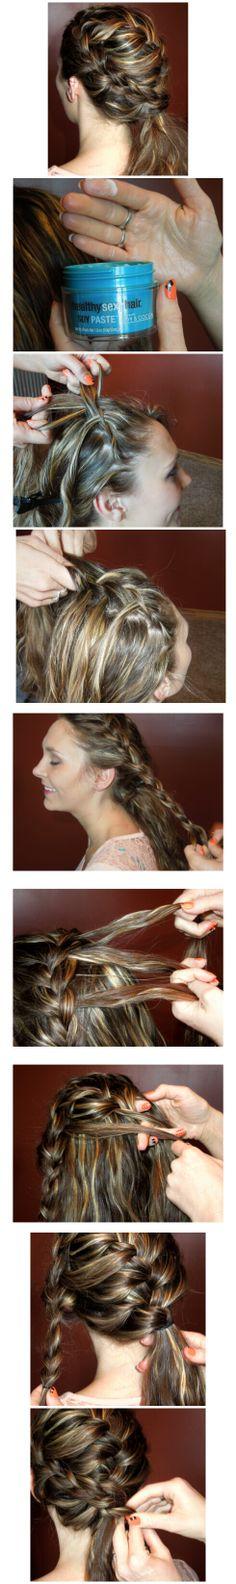 Amy_Robinson2   #GOT #GameofThrones #festivalhair #hairtutorial #coachellahair #sexyhair #howto #DYI #Tutorial #Concerthair